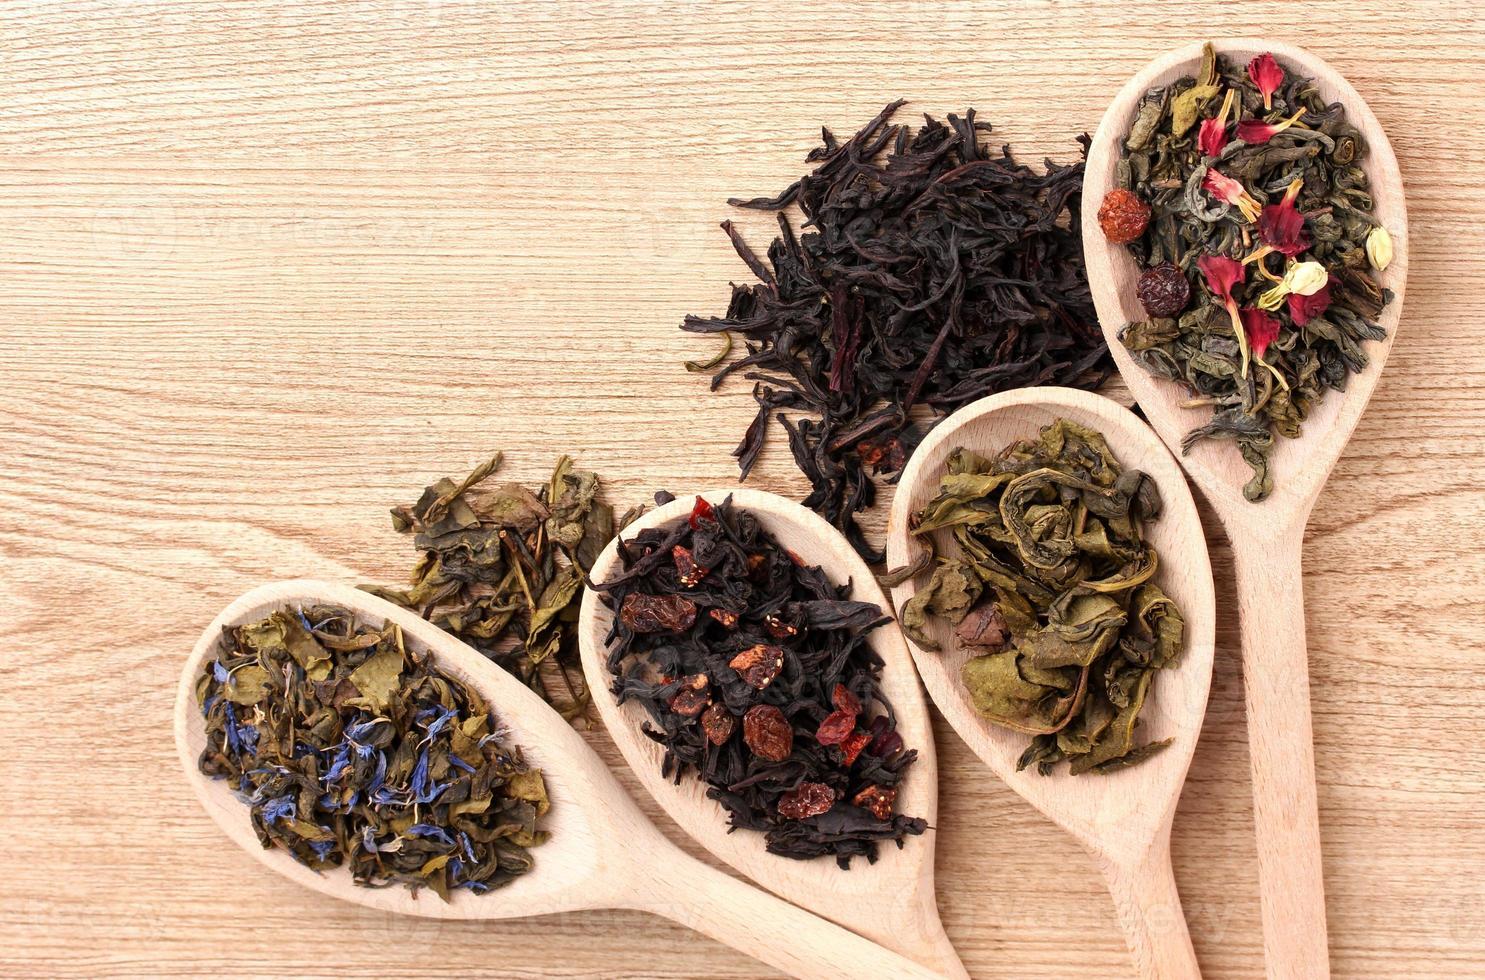 diversi tipi di tè verde e nero in cucchiai foto